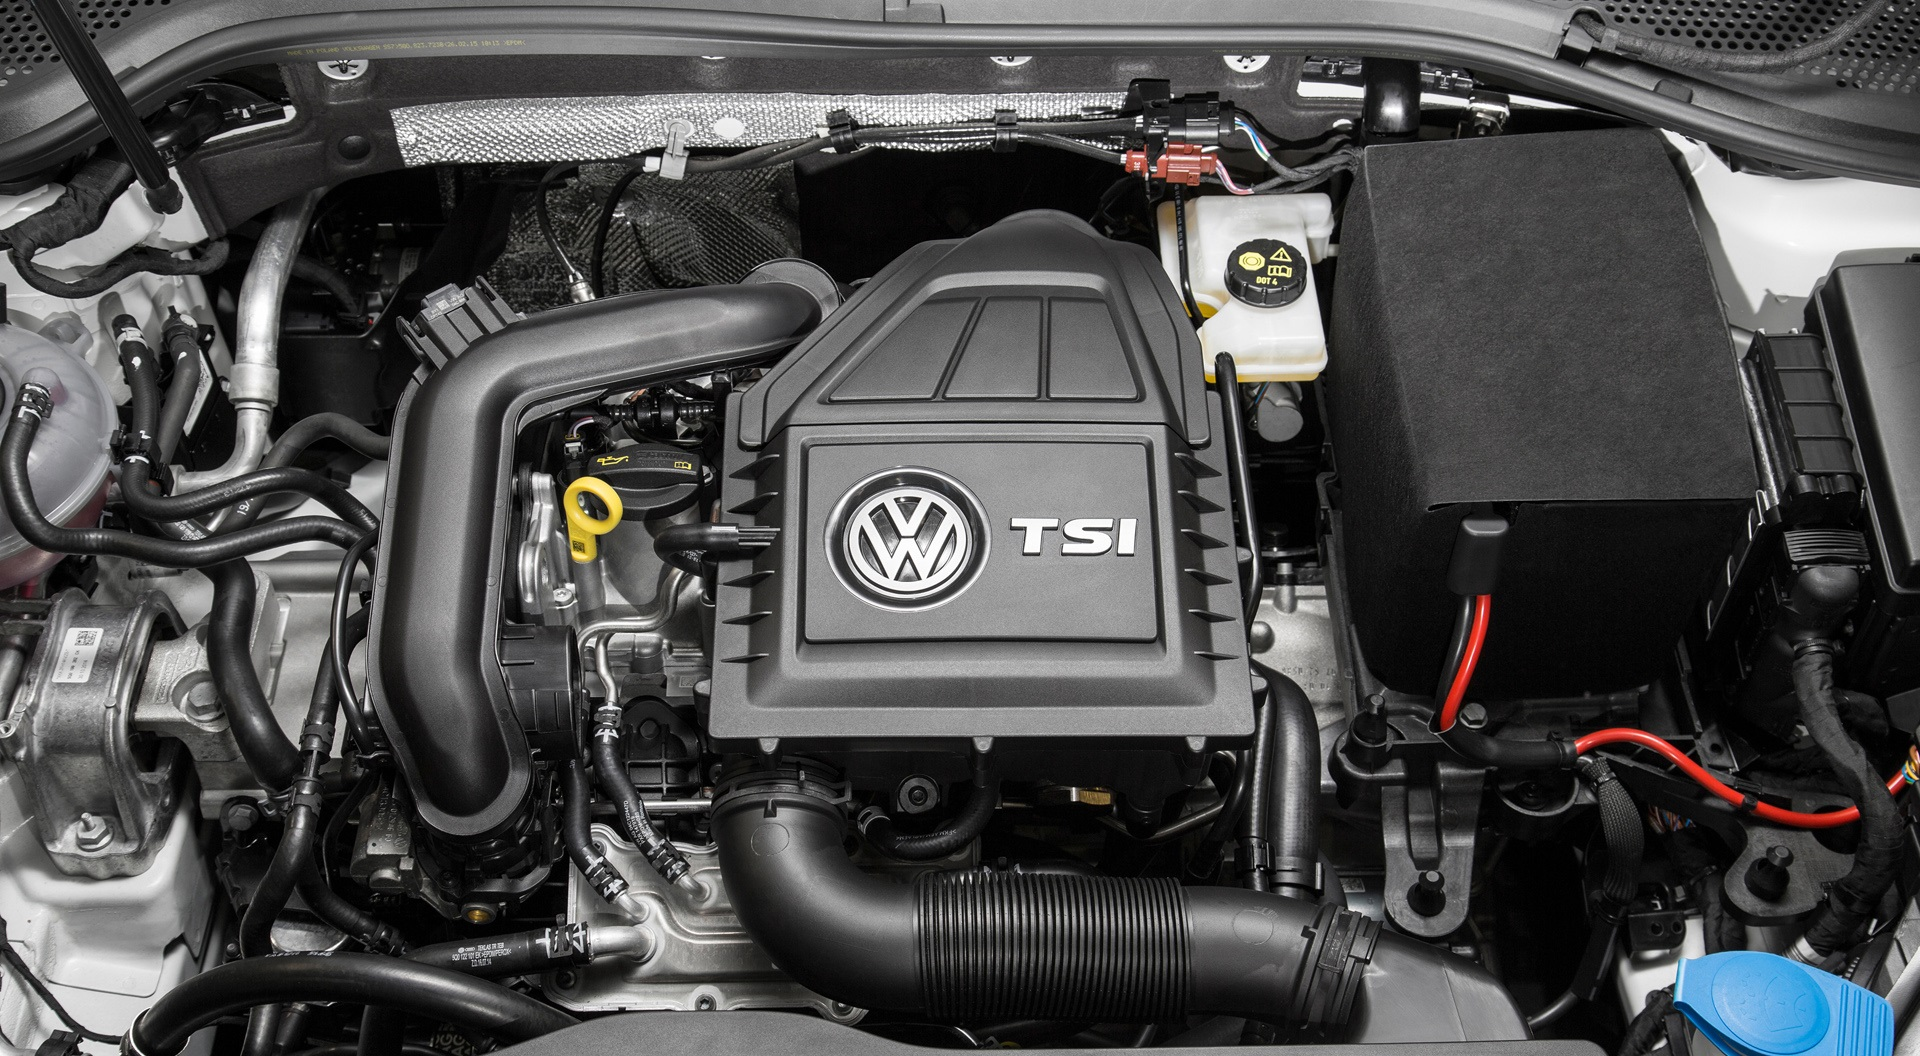 Даунсайзинг – снижение объёма двигателя с увеличением его мощности